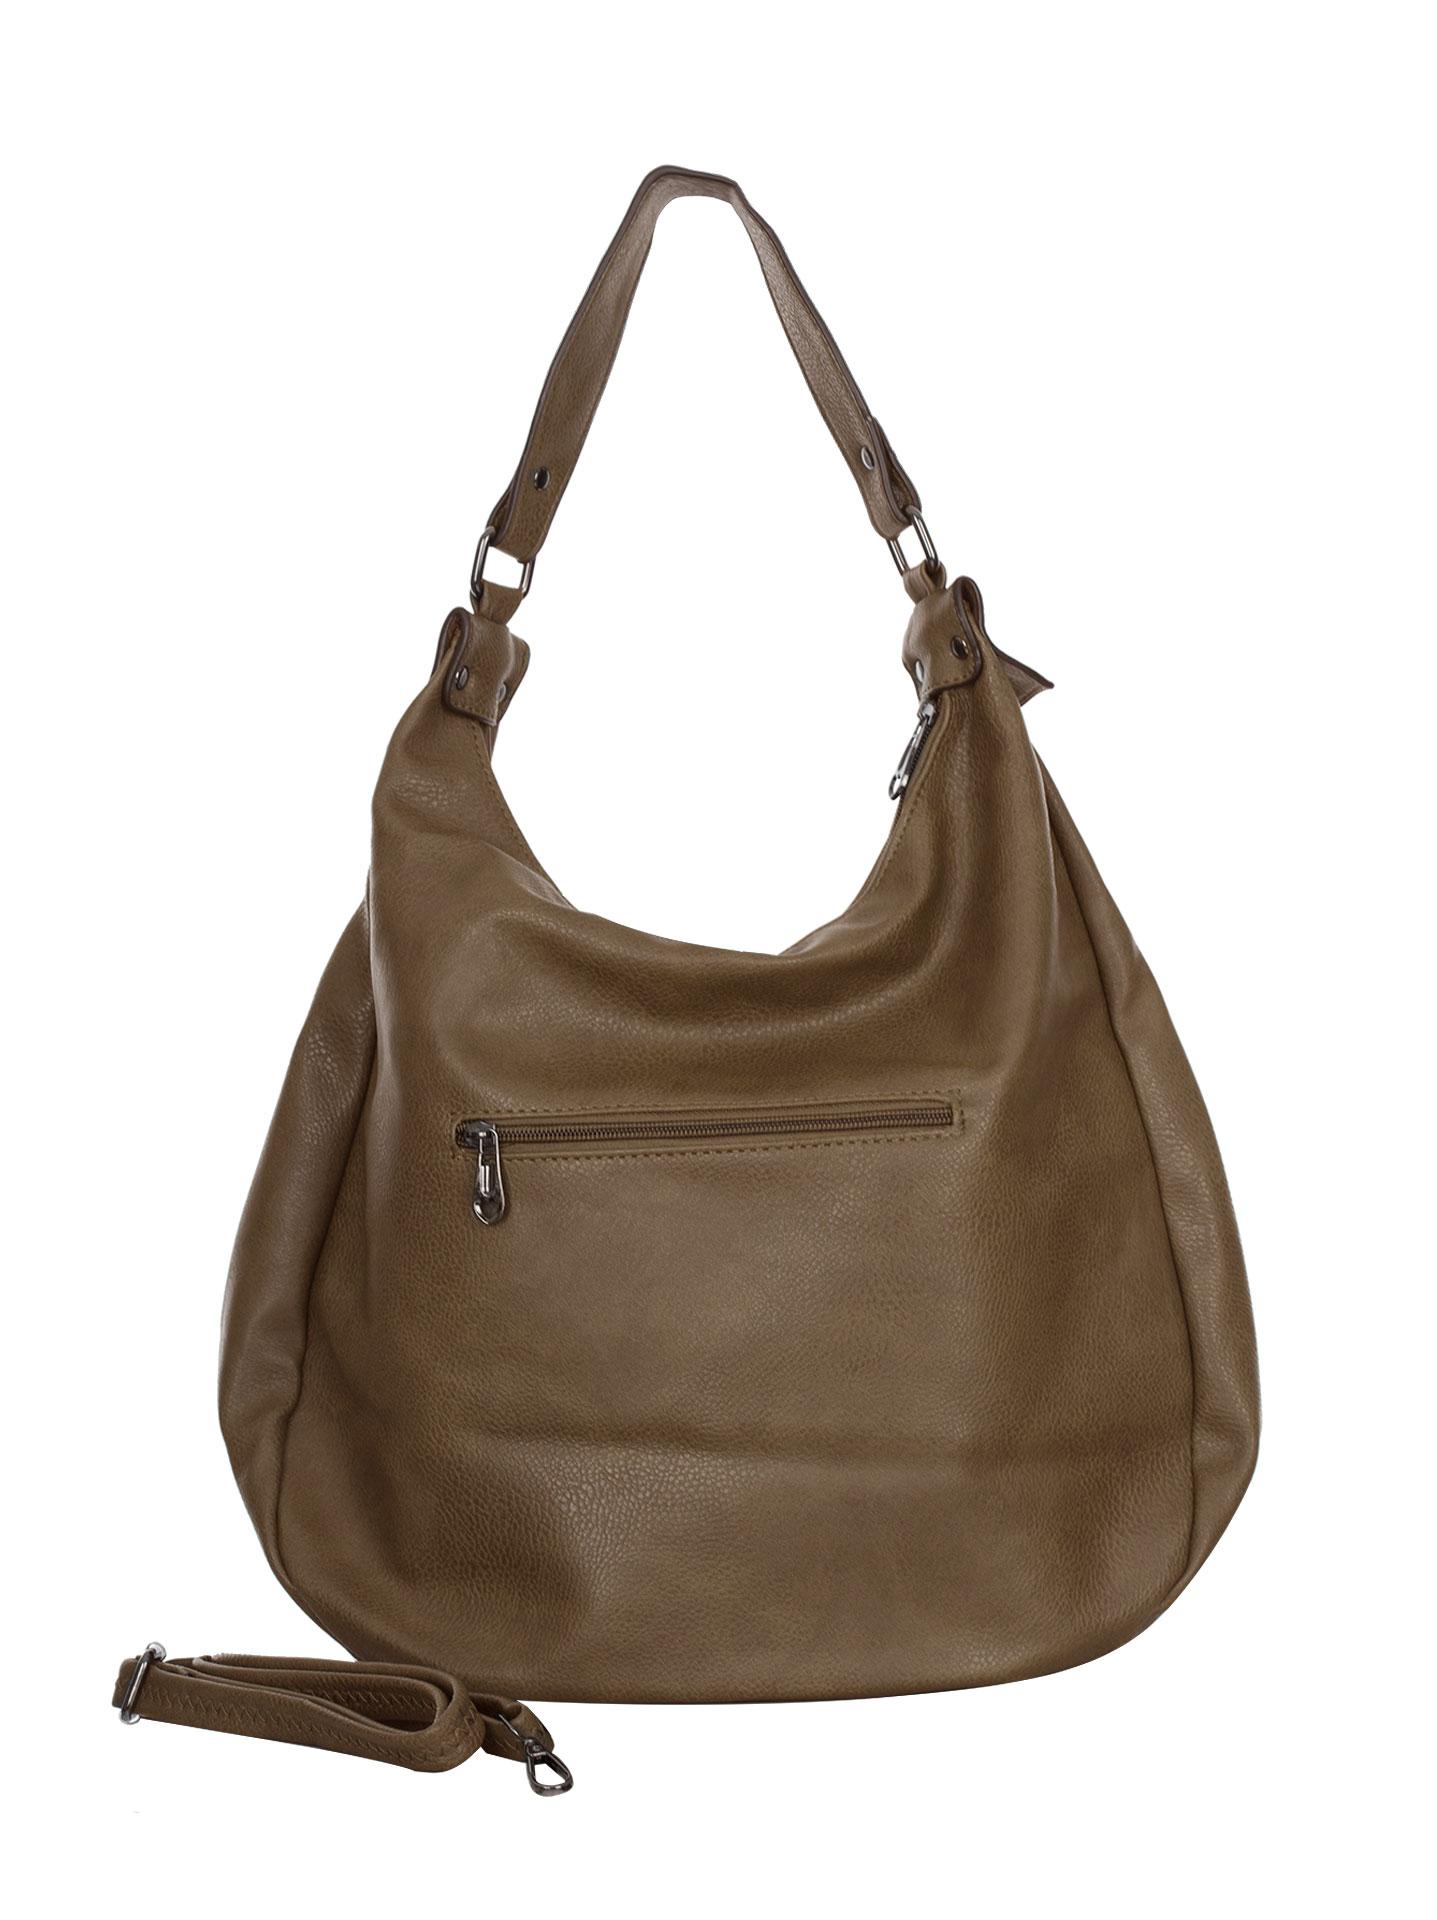 633061c781 One strap shoulder bag in light brown